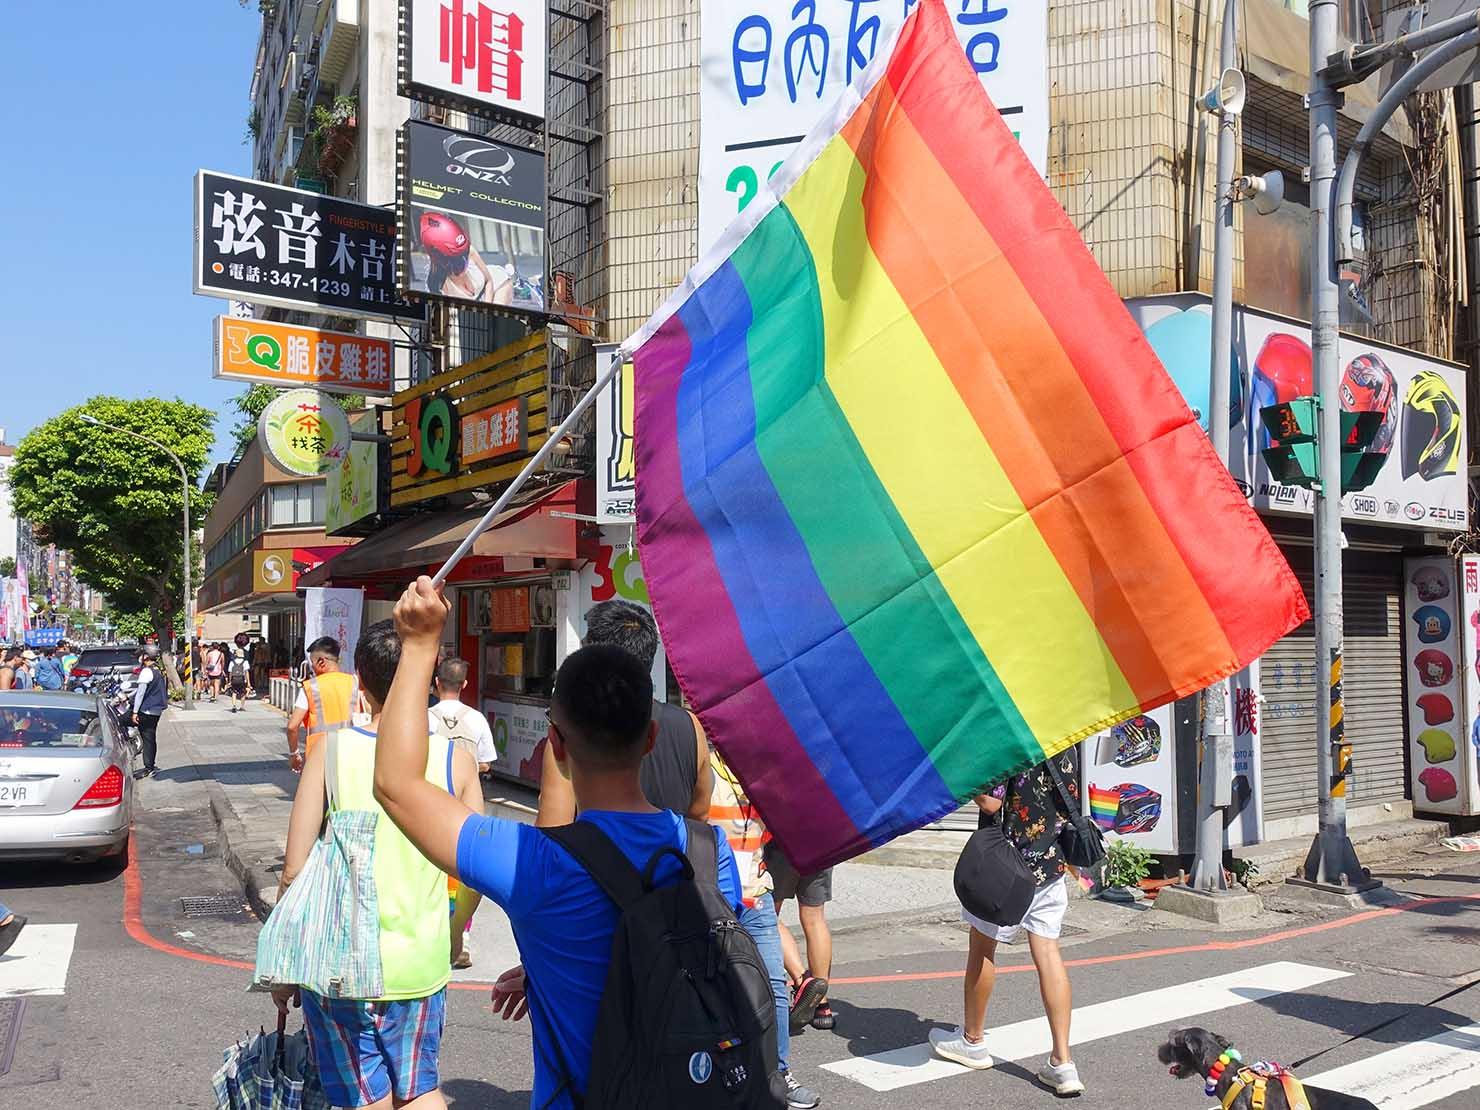 台湾・桃園のLGBTプライド「桃園彩虹野餐日」2020でレインボーフラッグを掲げて歩く参加者